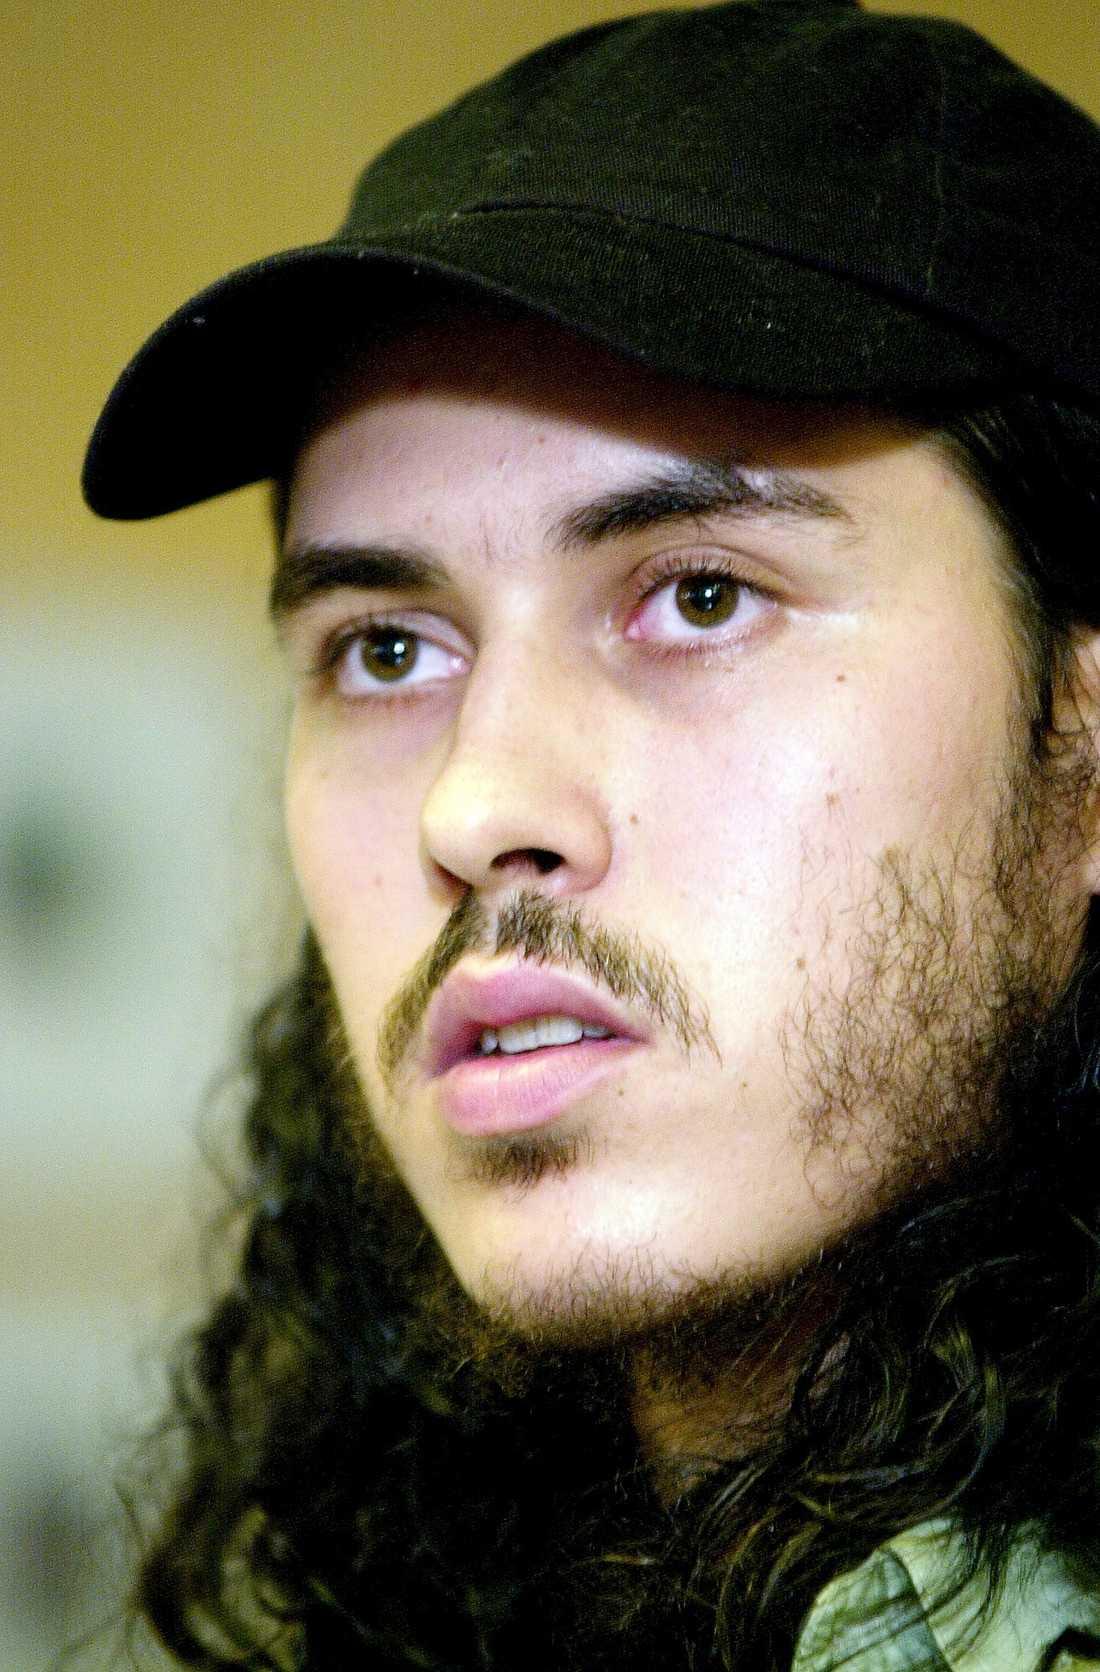 """Guantánamosvensken Mehdi Ghezali, den amerikanska hemmafrun """"Jihad Jane"""" och tillslaget mot terrormisstänkta invandrare i Göteborg är exempel."""